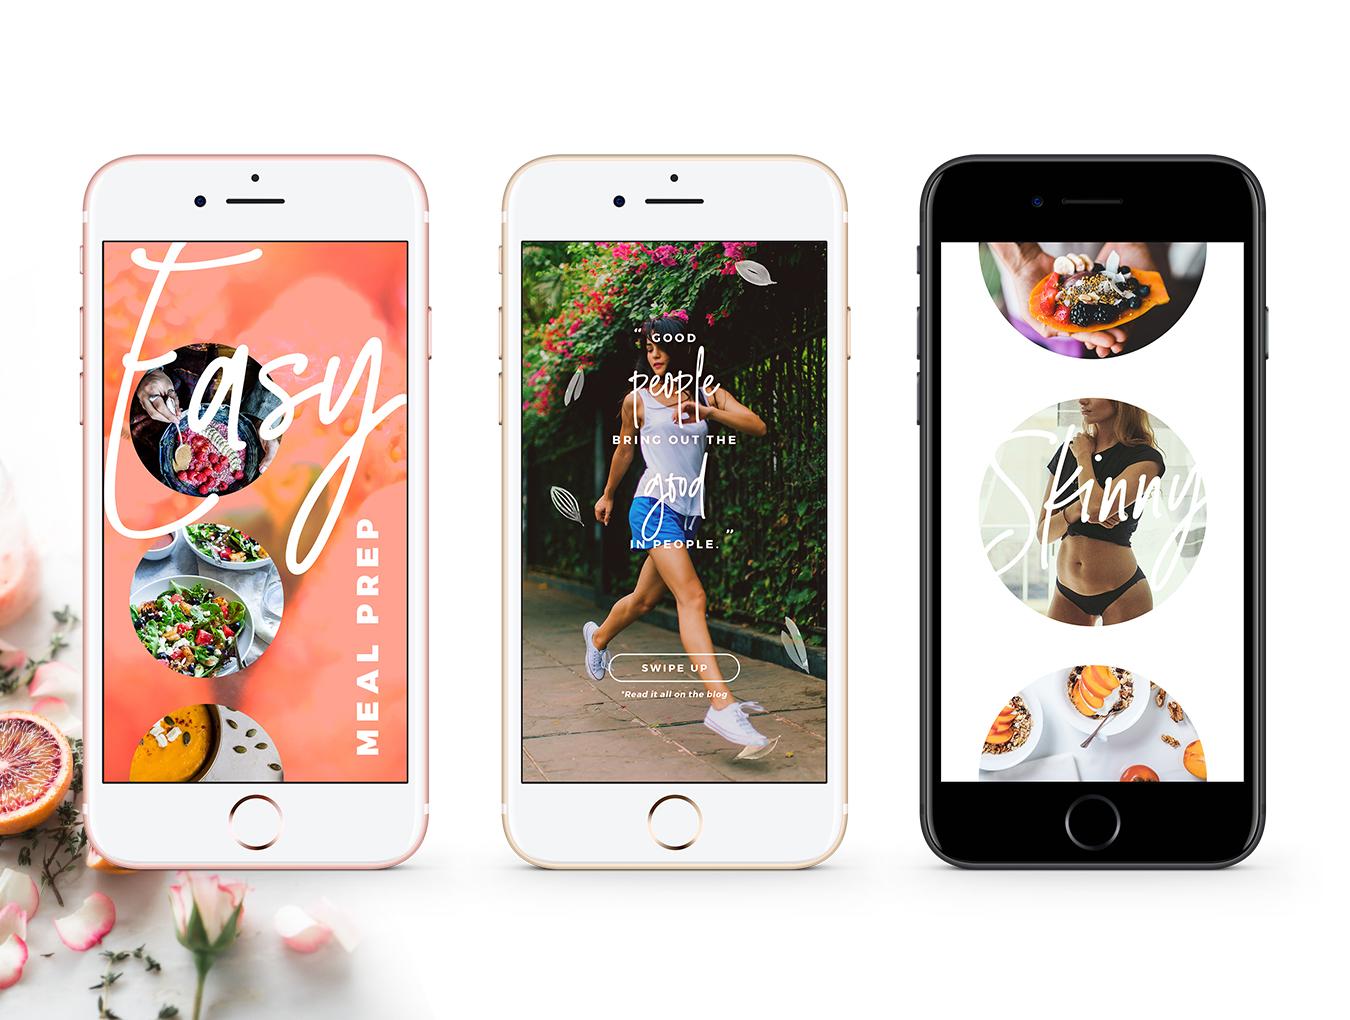 营养美食健身运动博主Instagram社交设计素材包 Detox Week Insta Stories插图(6)